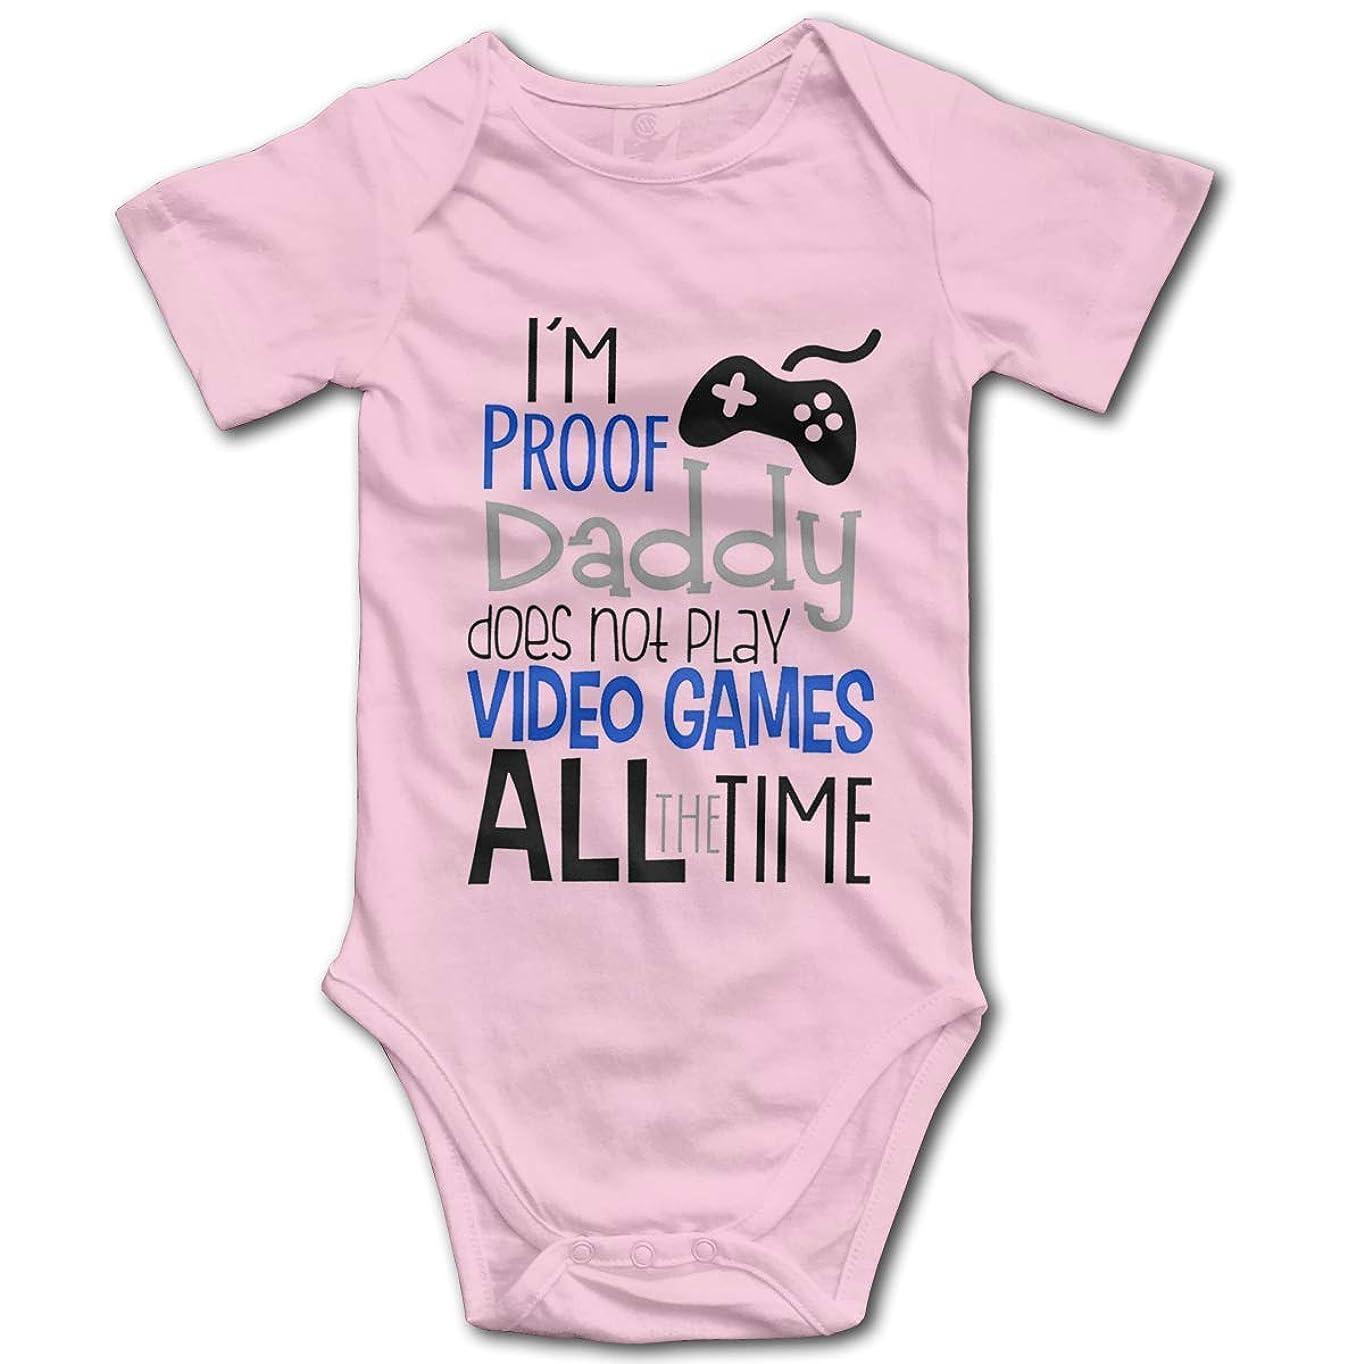 木材利用可能絶対のピンク私は証明パパはいつもビデオゲームをしていません-面白いかわいい幼児、ワンピースのベビーボディスーツ